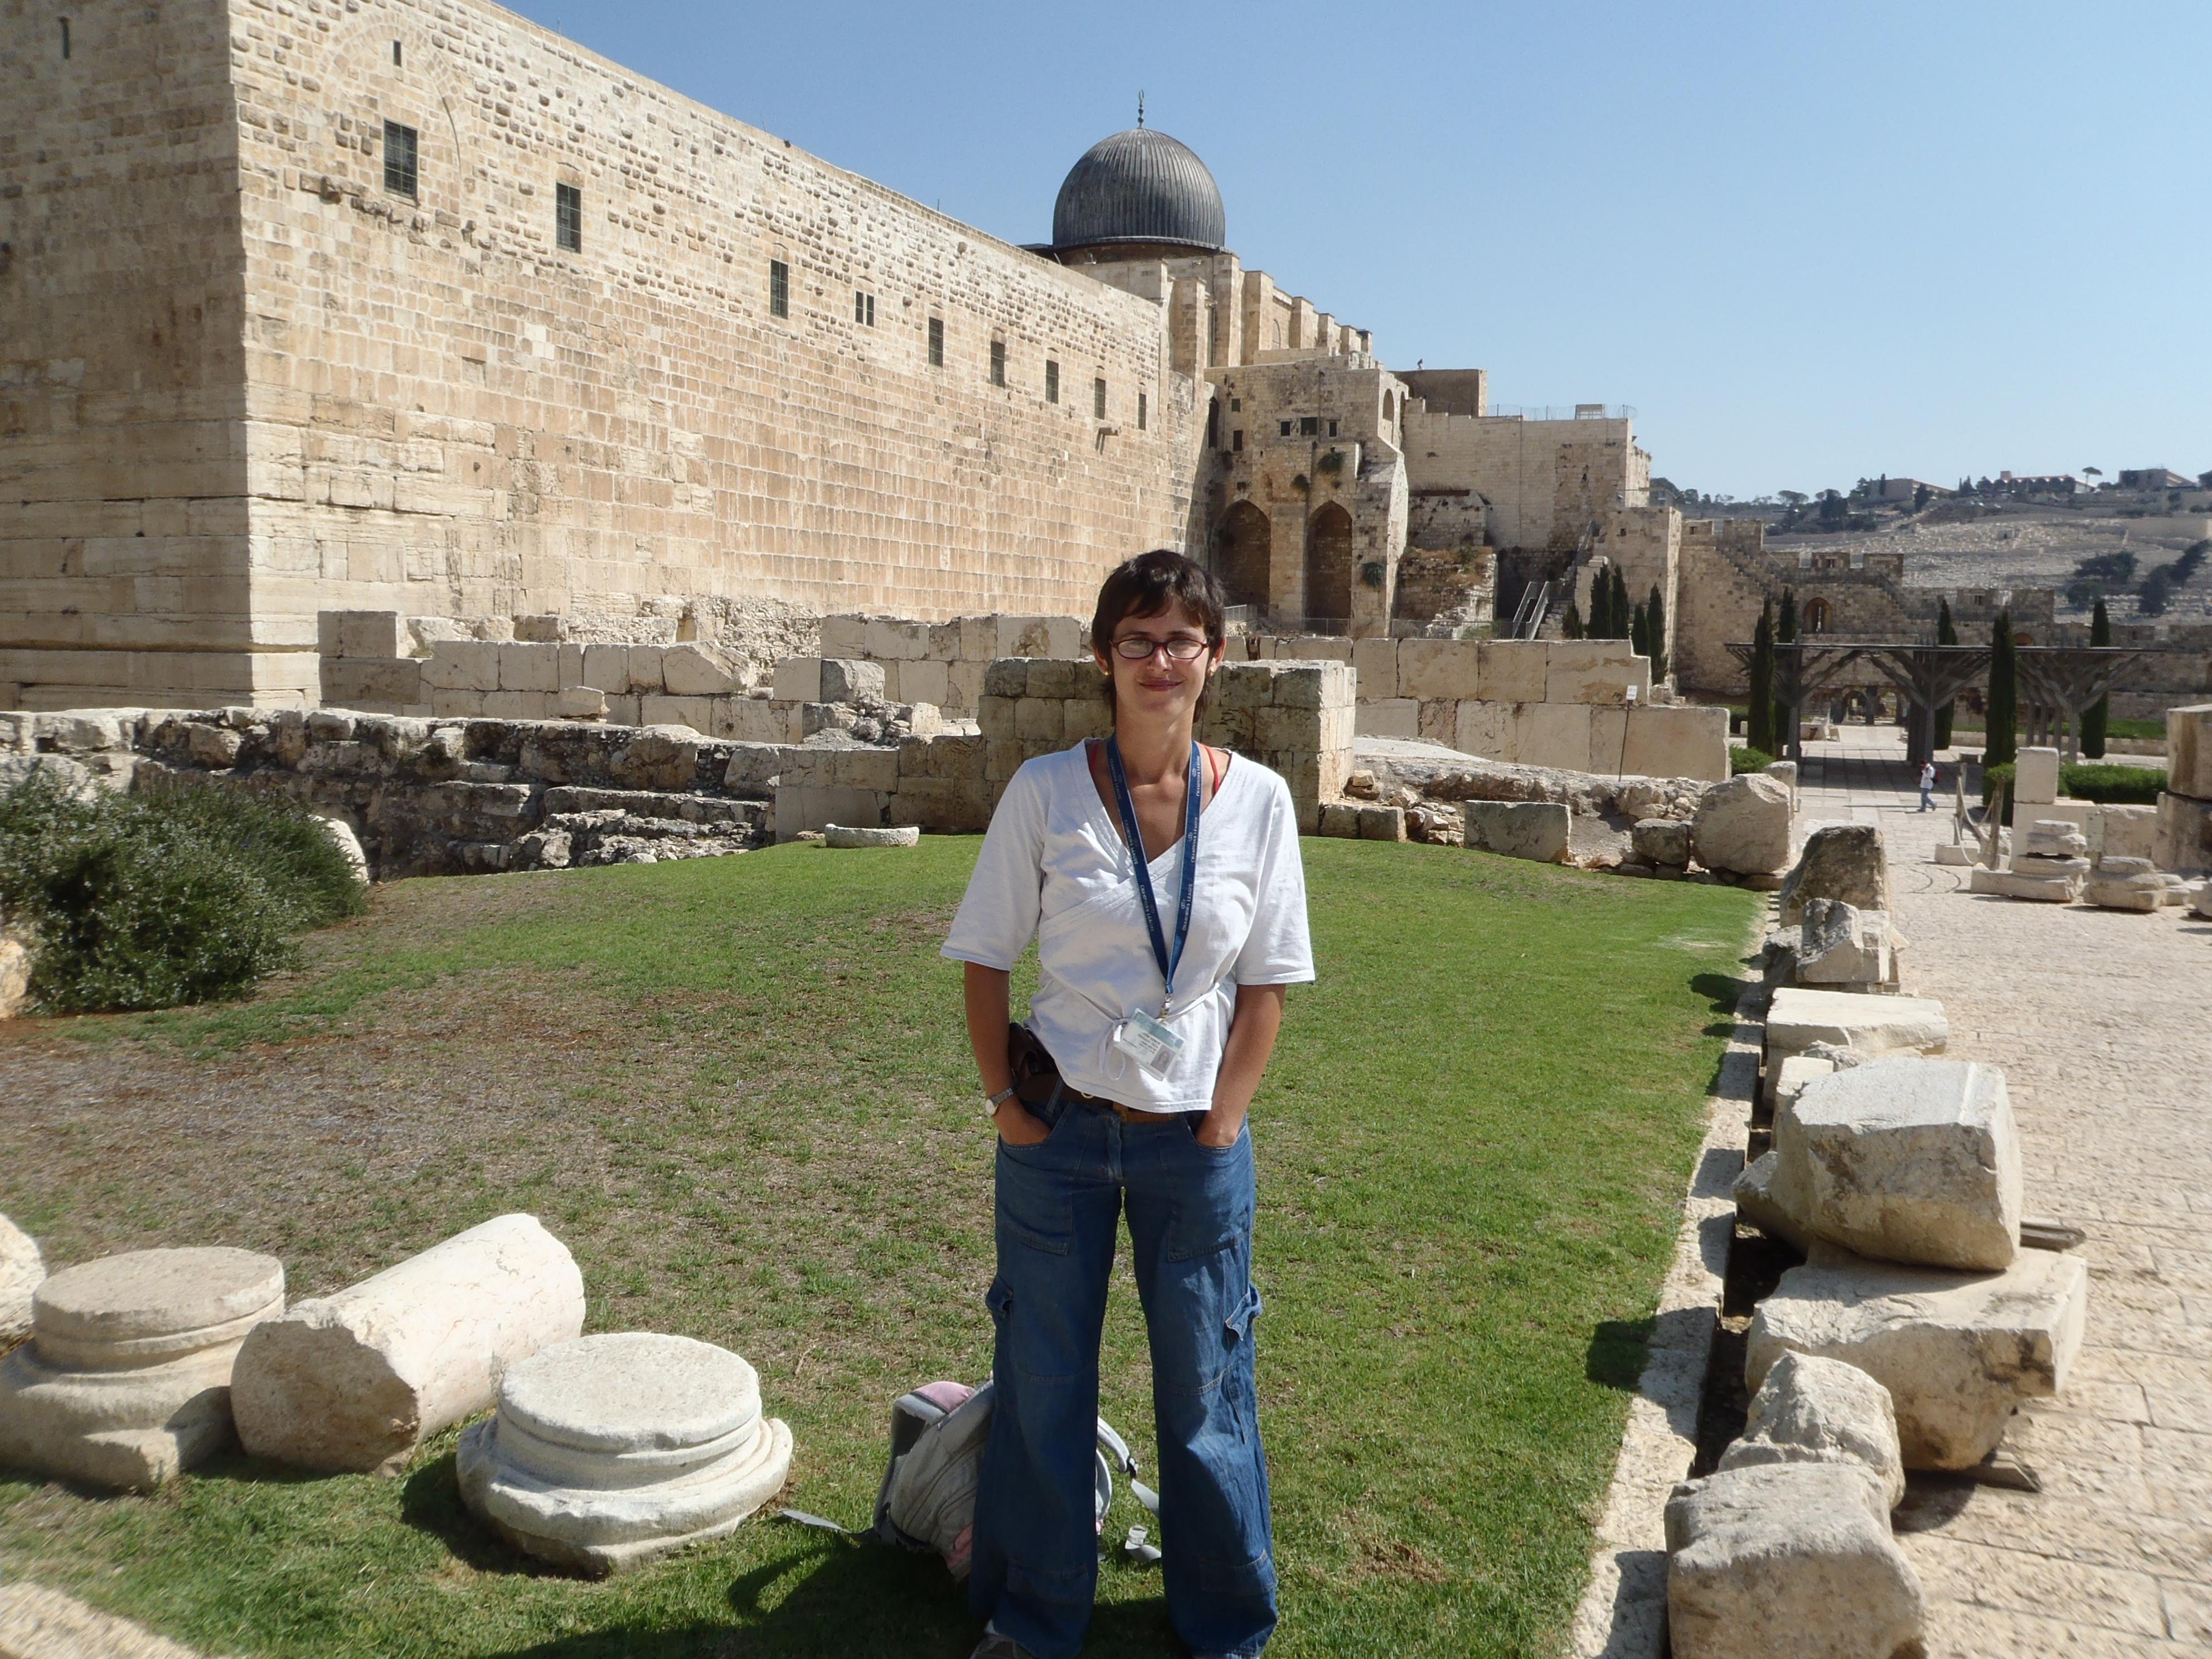 Музей Дэвидсона в Иерусалиме